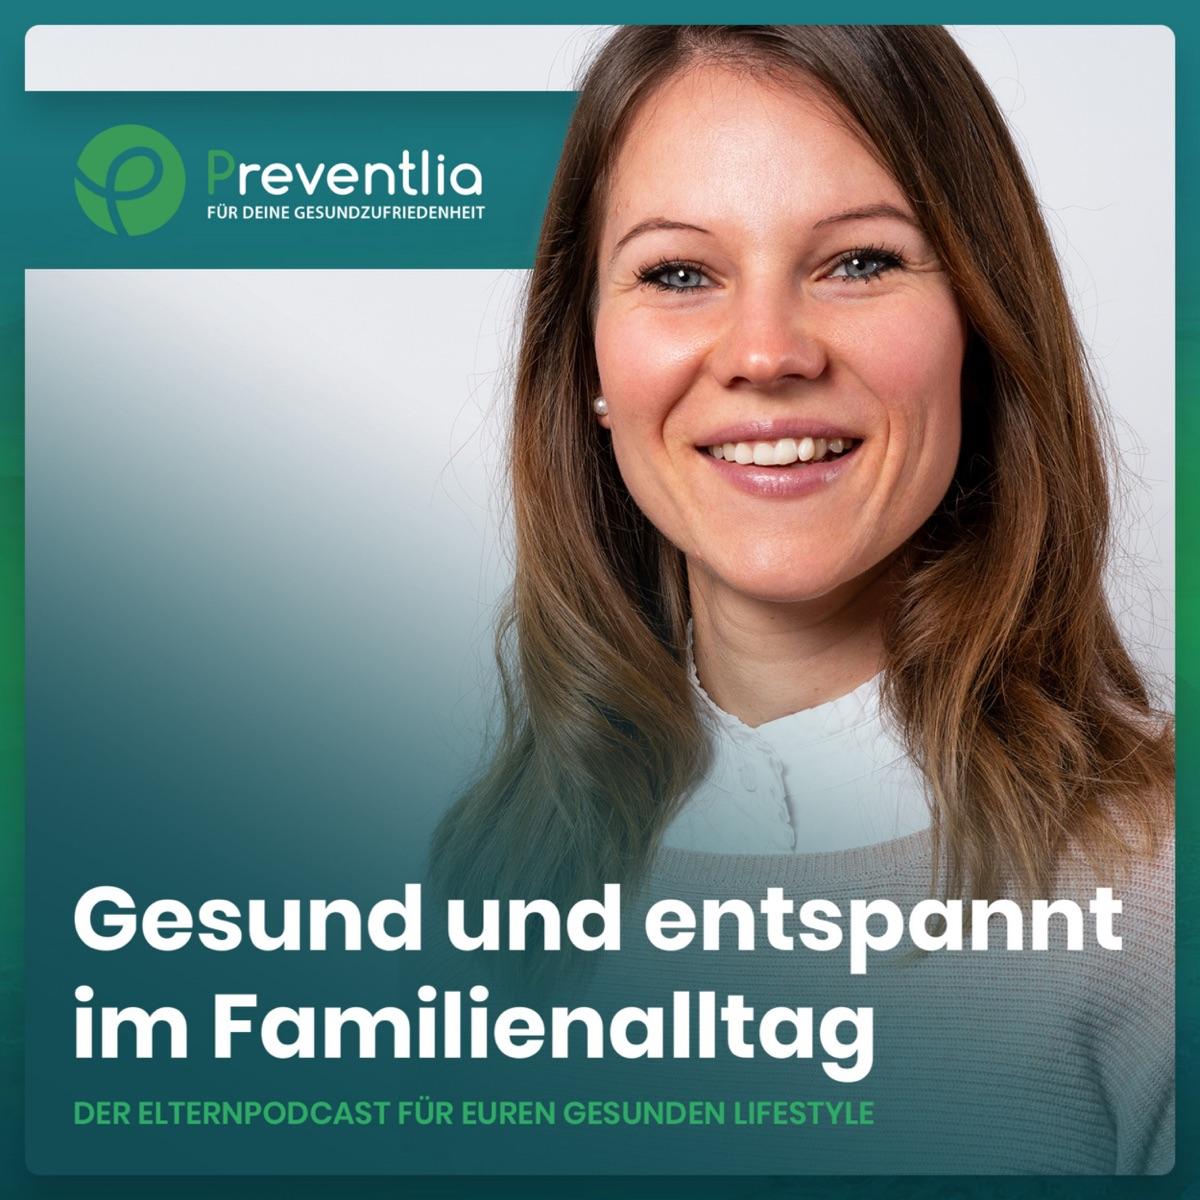 Gesund und entspannt im Familienalltag - Der Elternpodcast von Preventlia